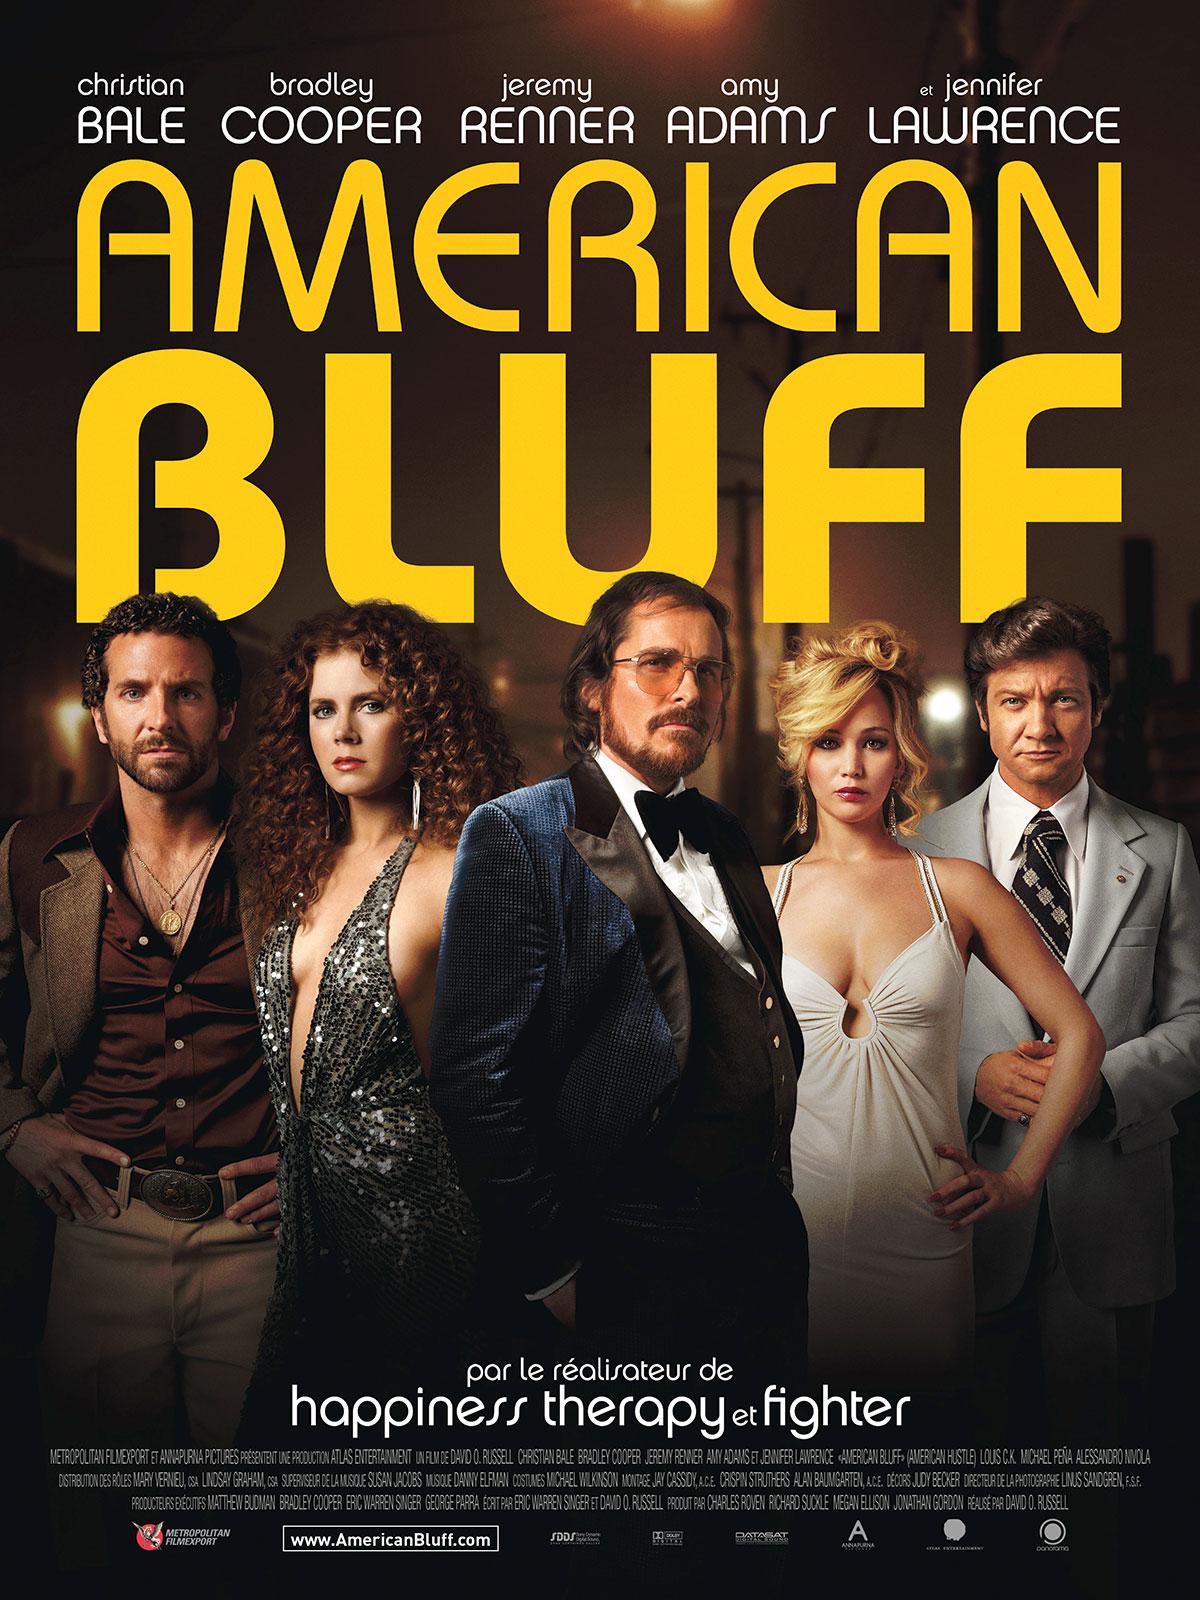 American Bluff [DVDSCR-VOSTFR] dvdrip